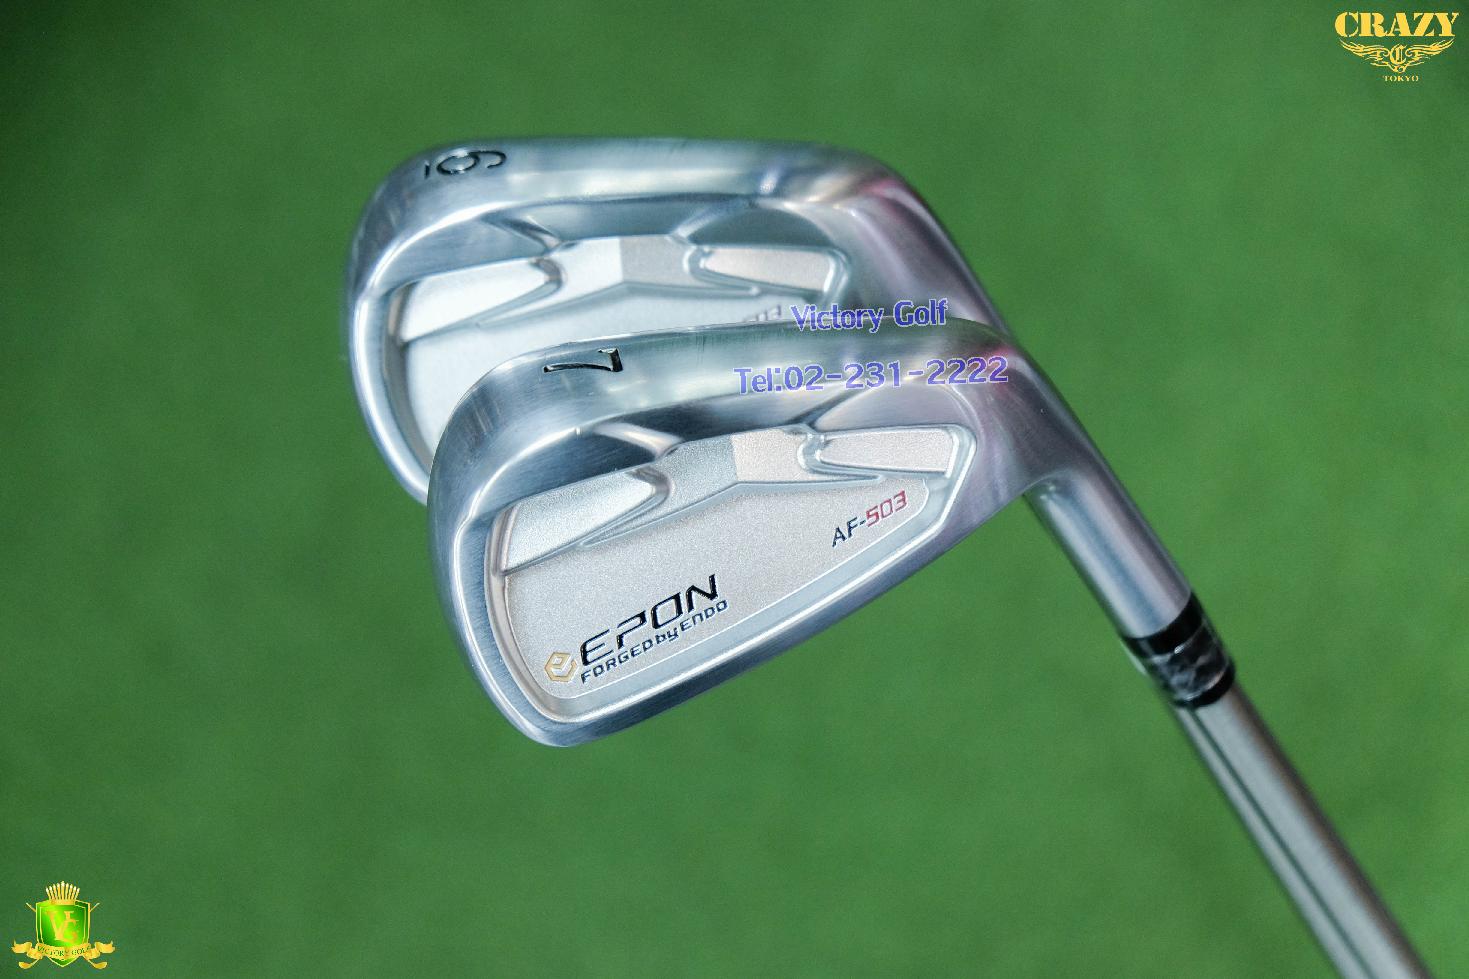 Iron Set Epon AF-503 6-9,P Steelfiber i95 (Flex R)